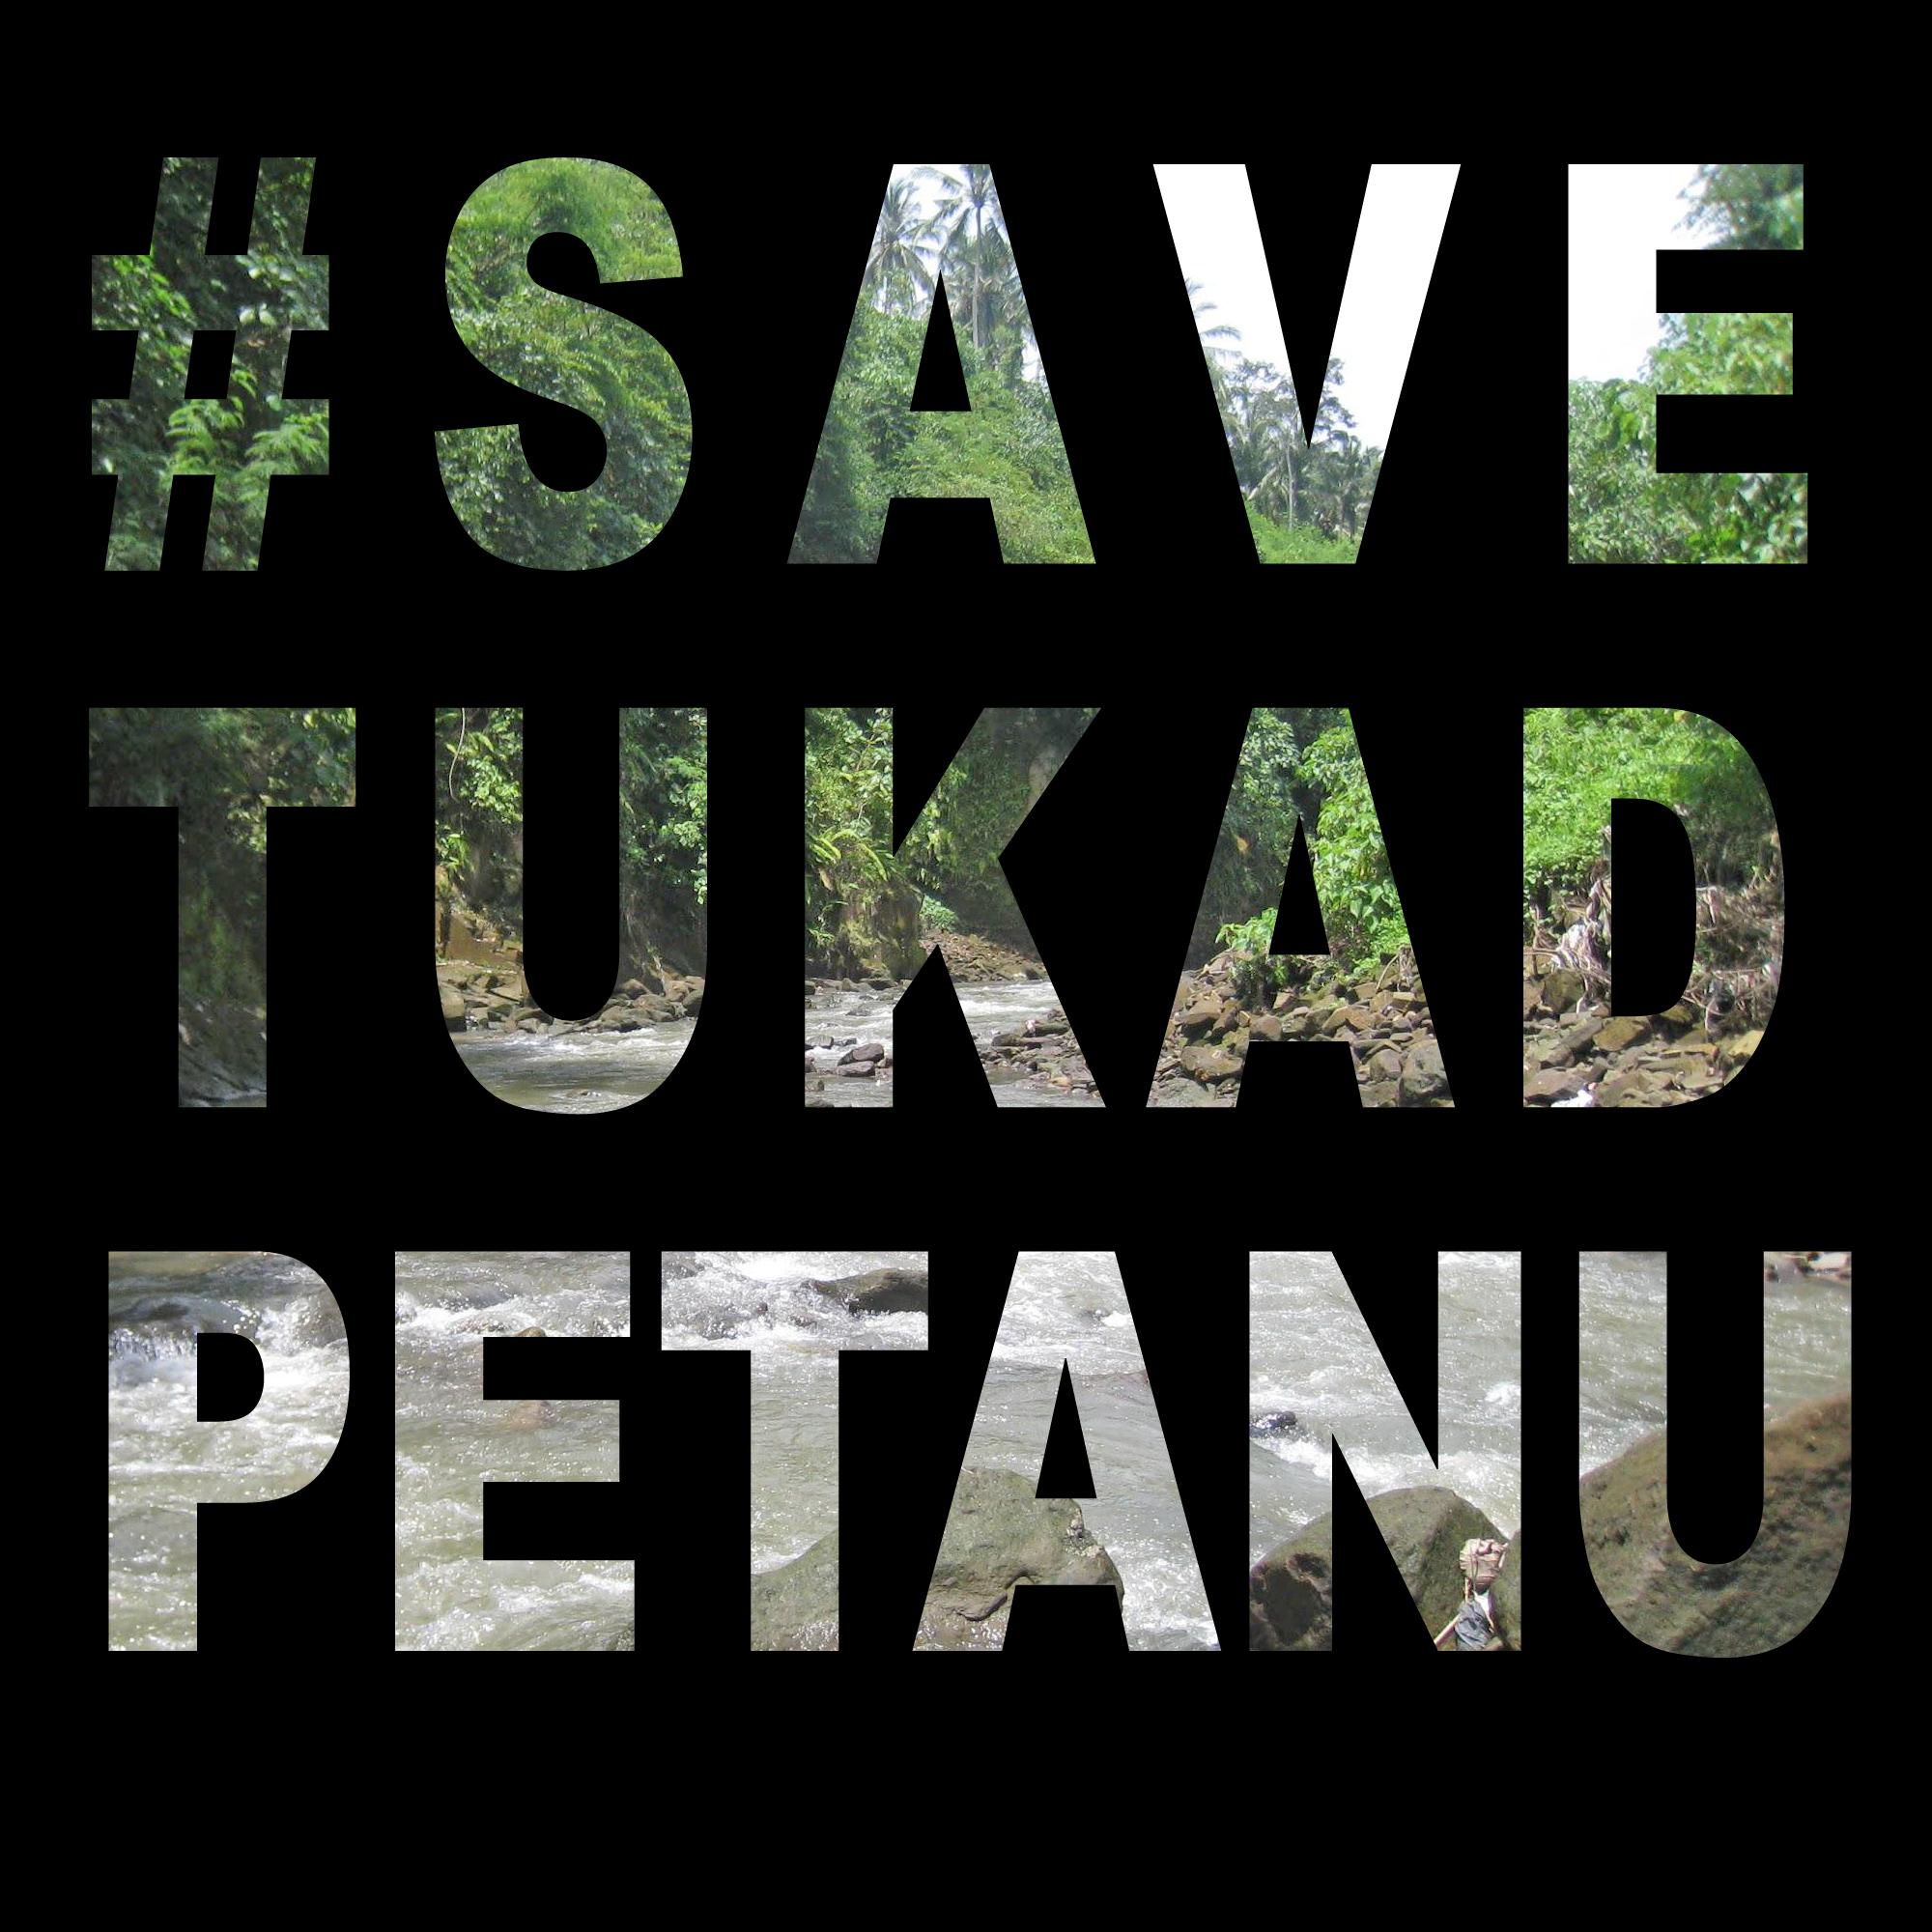 Save-Tukad-Petanu-2